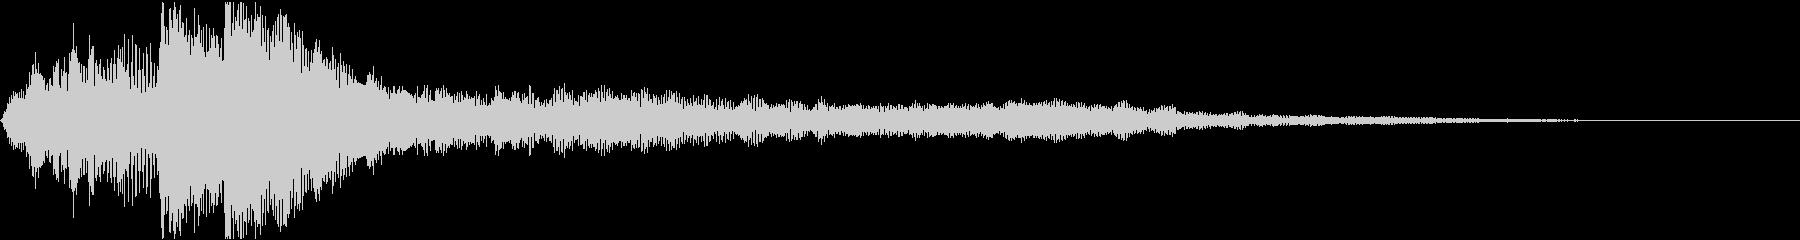 ローファイ・ドキュメンタル風ピアノbの未再生の波形